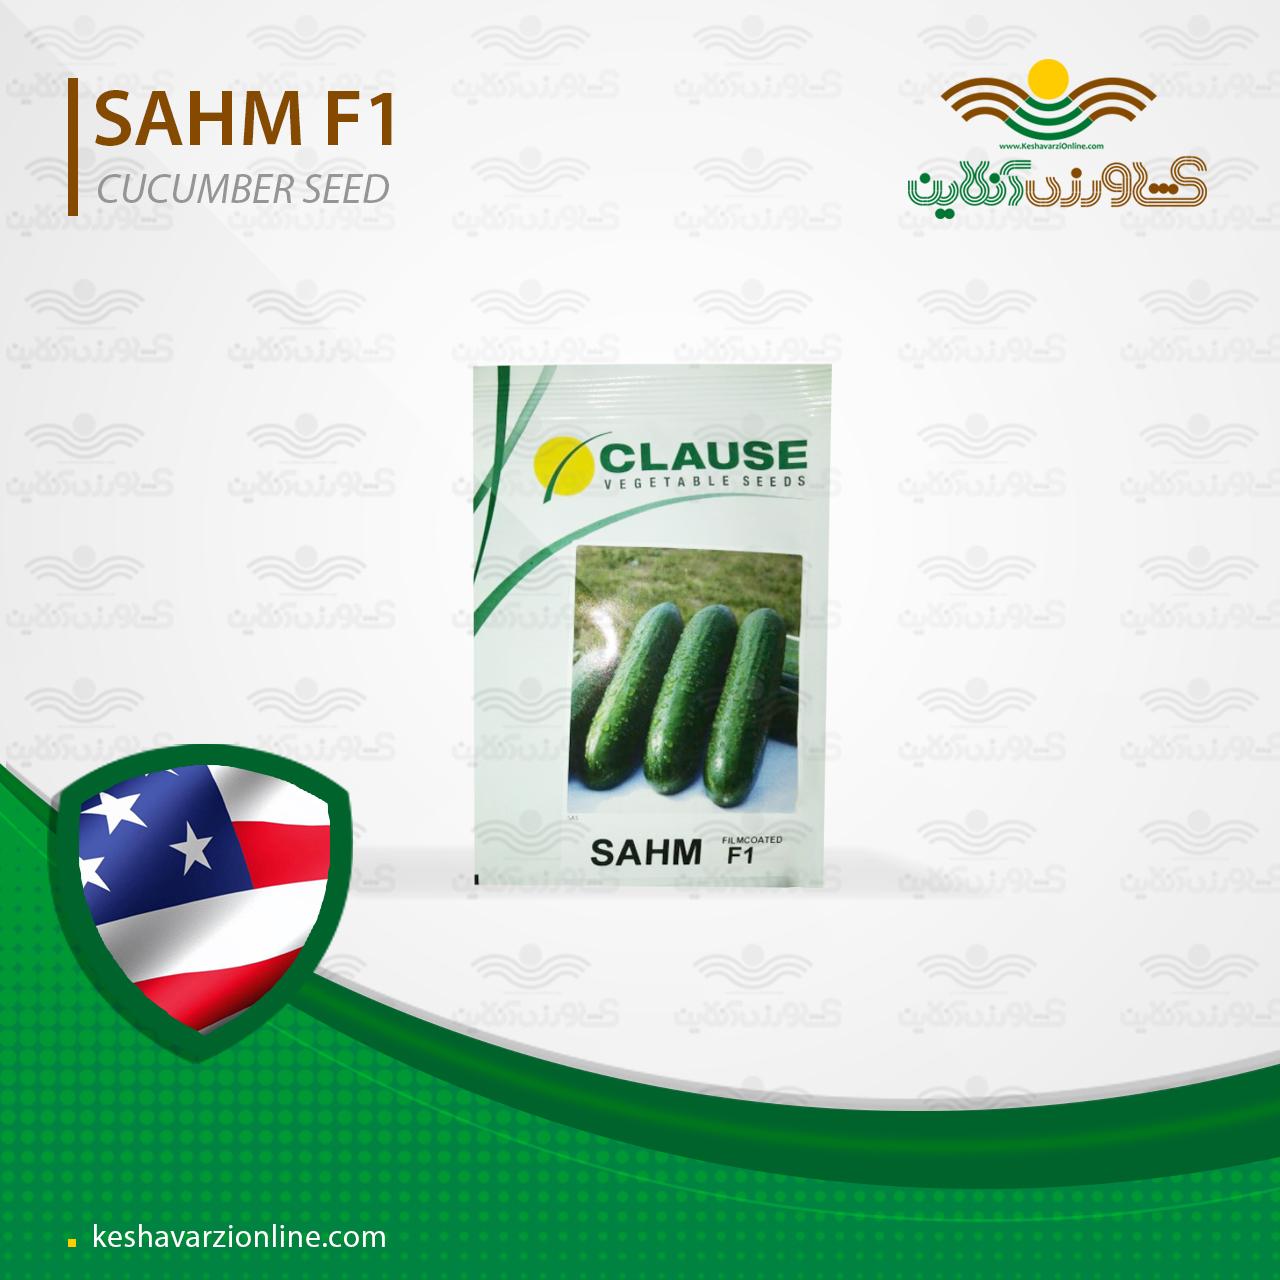 بذر خیار تک گل گلخانه ای سهم مناسب کشت پاییز